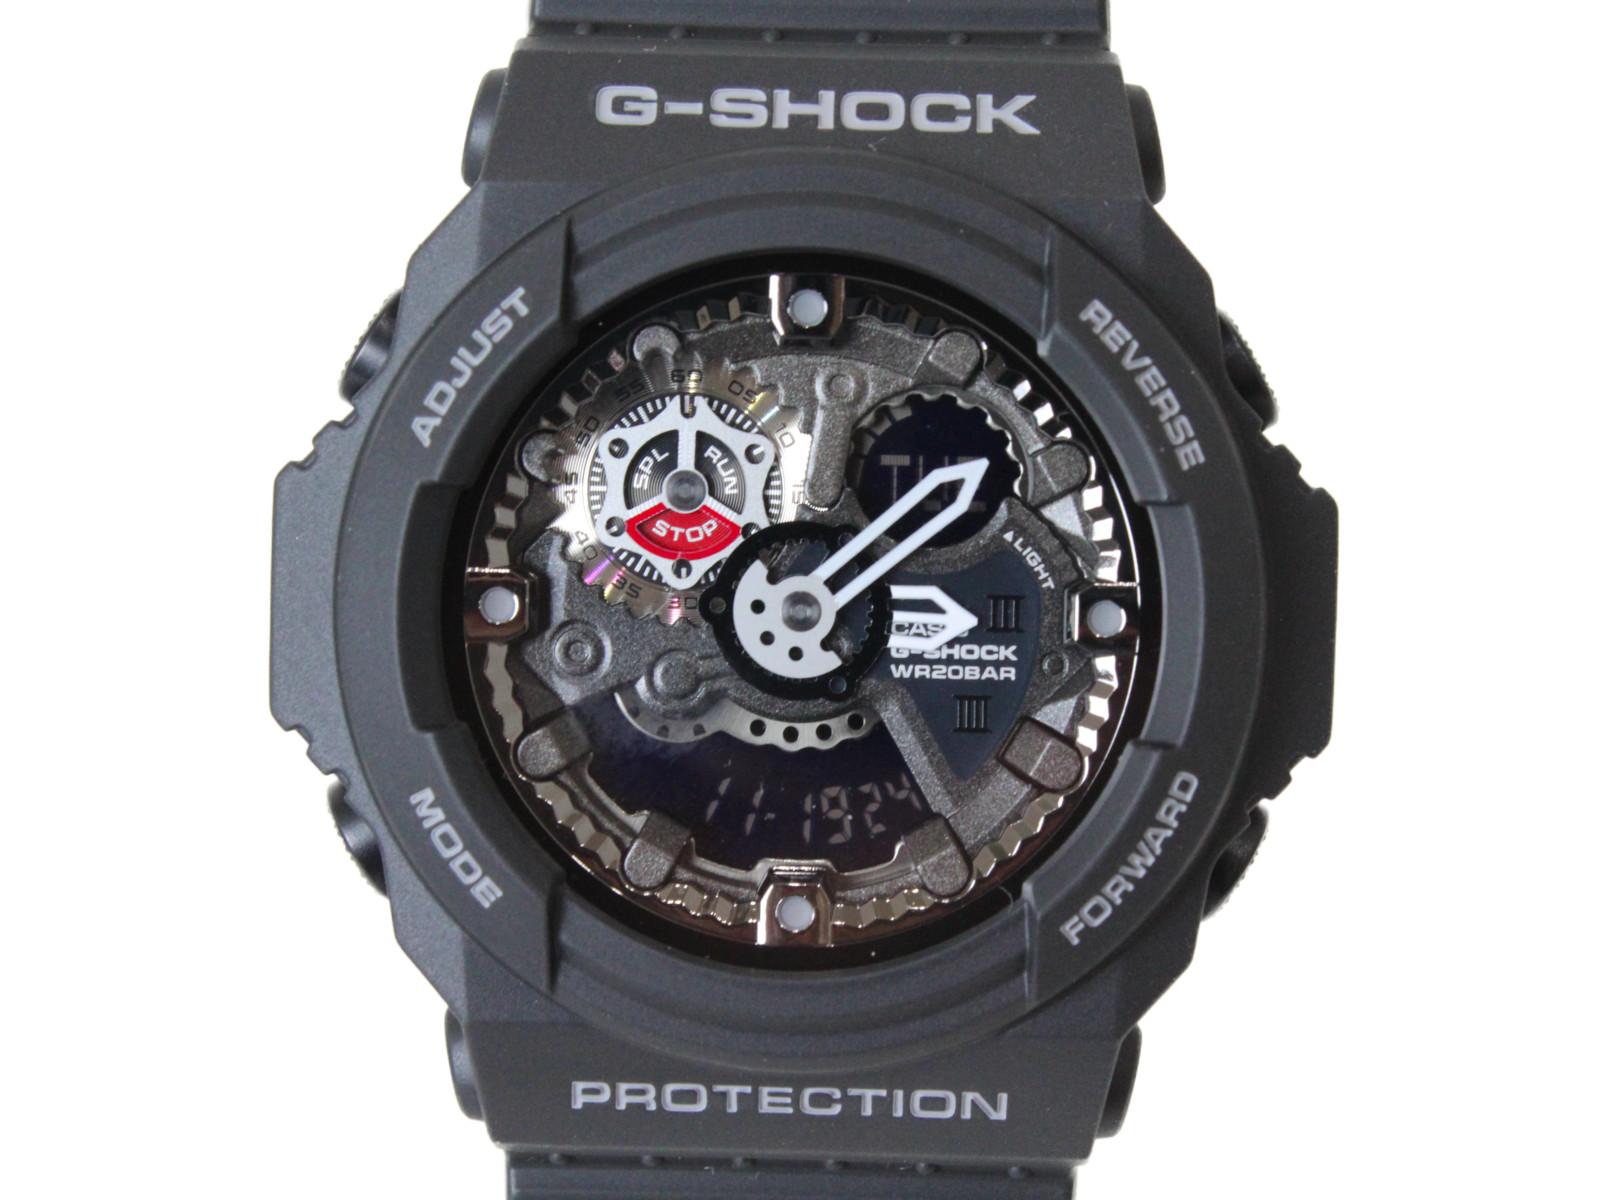 CASIO カシオ G-SHOCK ベーシック GA-300-1AJF クオーツ アナログ デジタル ラバー ブラック メンズ 腕時計【中古】